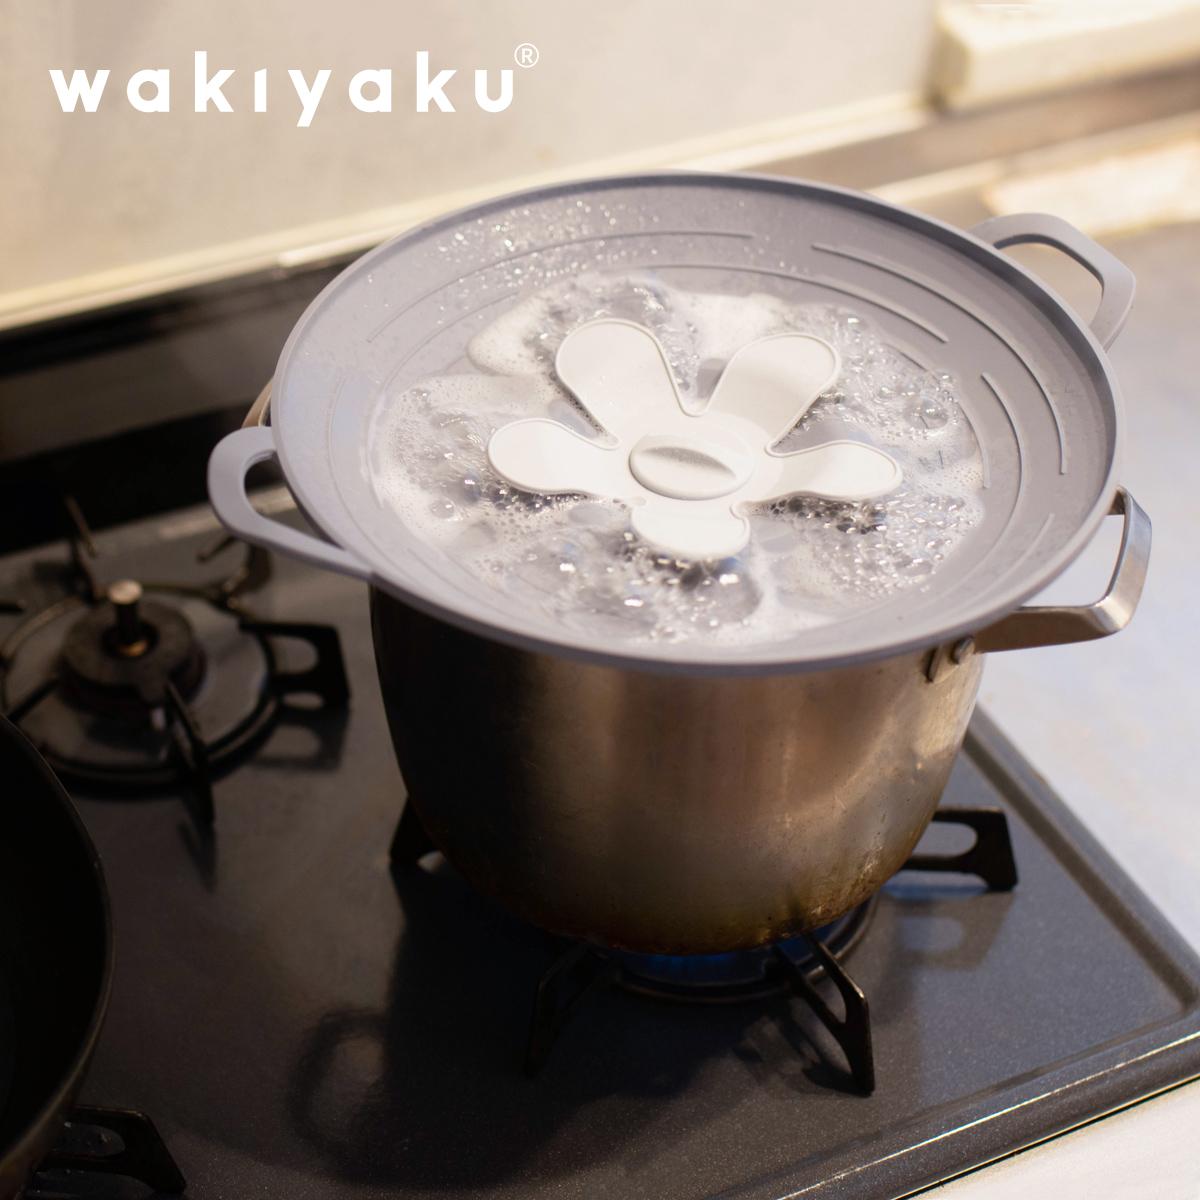 wakiyaku R クリアランスsale!期間限定! 吹きこぼれ 防止 鍋蓋 訳あり商品 シリコン シリコーン ふたふきこぼれ を防ぐ おしゃれ 耐熱 吹きこぼれ帽子グッズ キッチンツール シンプル 食洗器対応 ネコポス送料無料 キッチン 安全